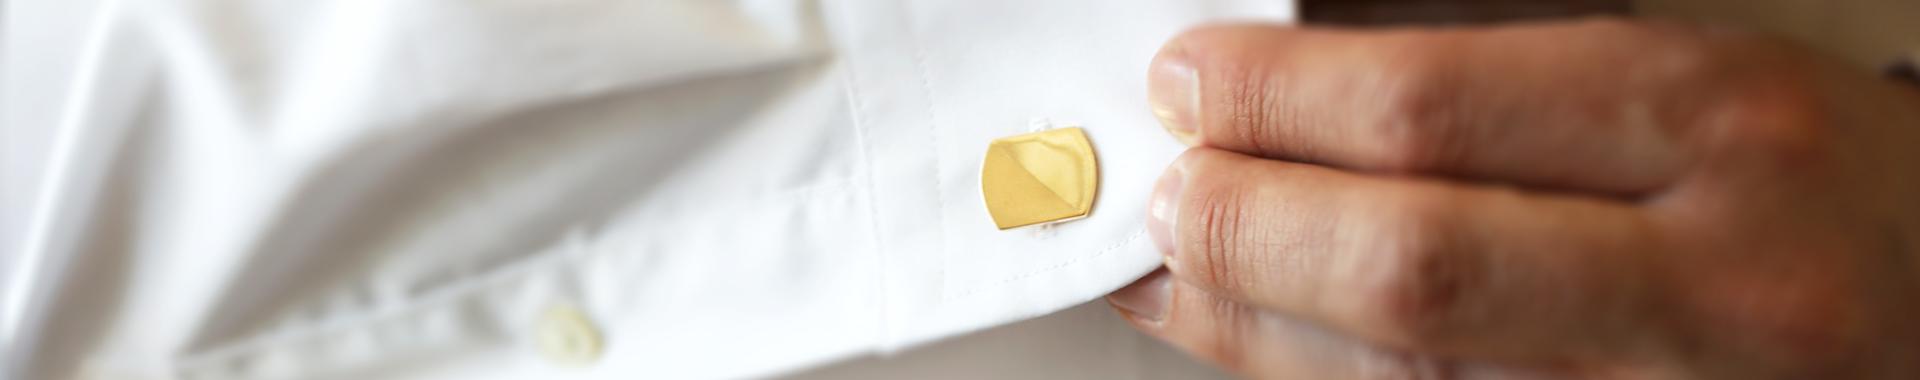 Mansjettknapper og slipsnåler – Konfirmasjonsgaver til han